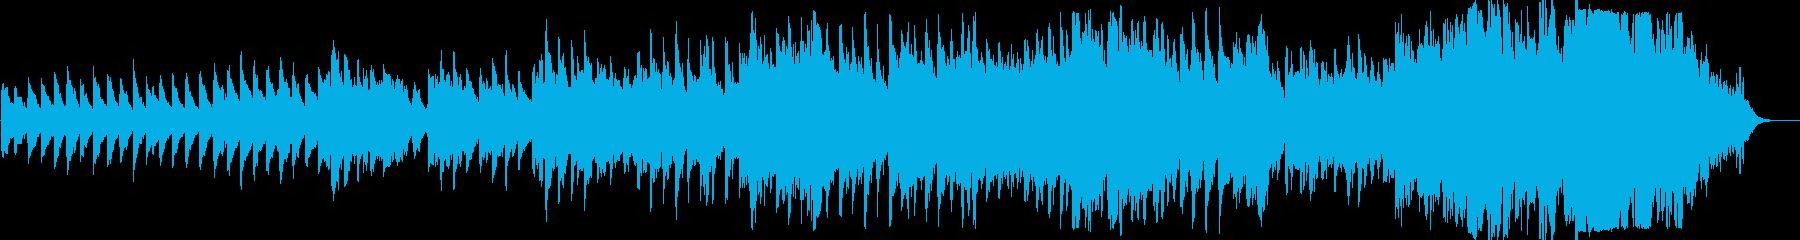 ピアノとフリューゲルホルンのバラードの再生済みの波形